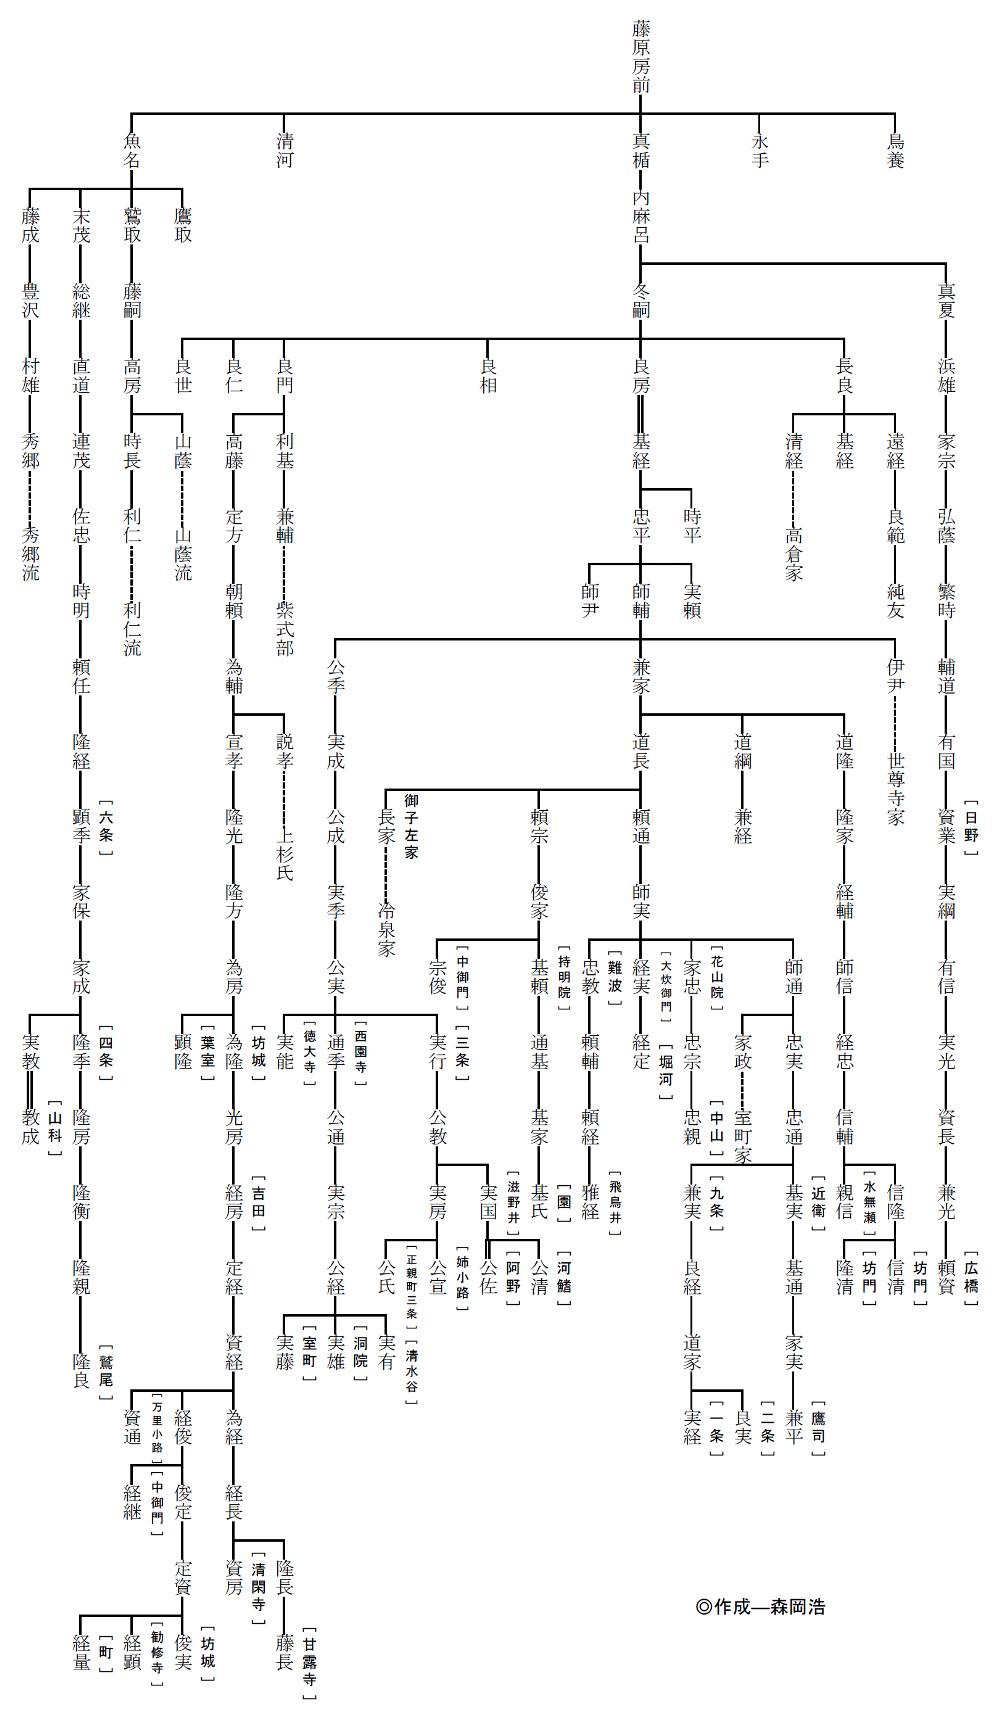 藤原北家系統図